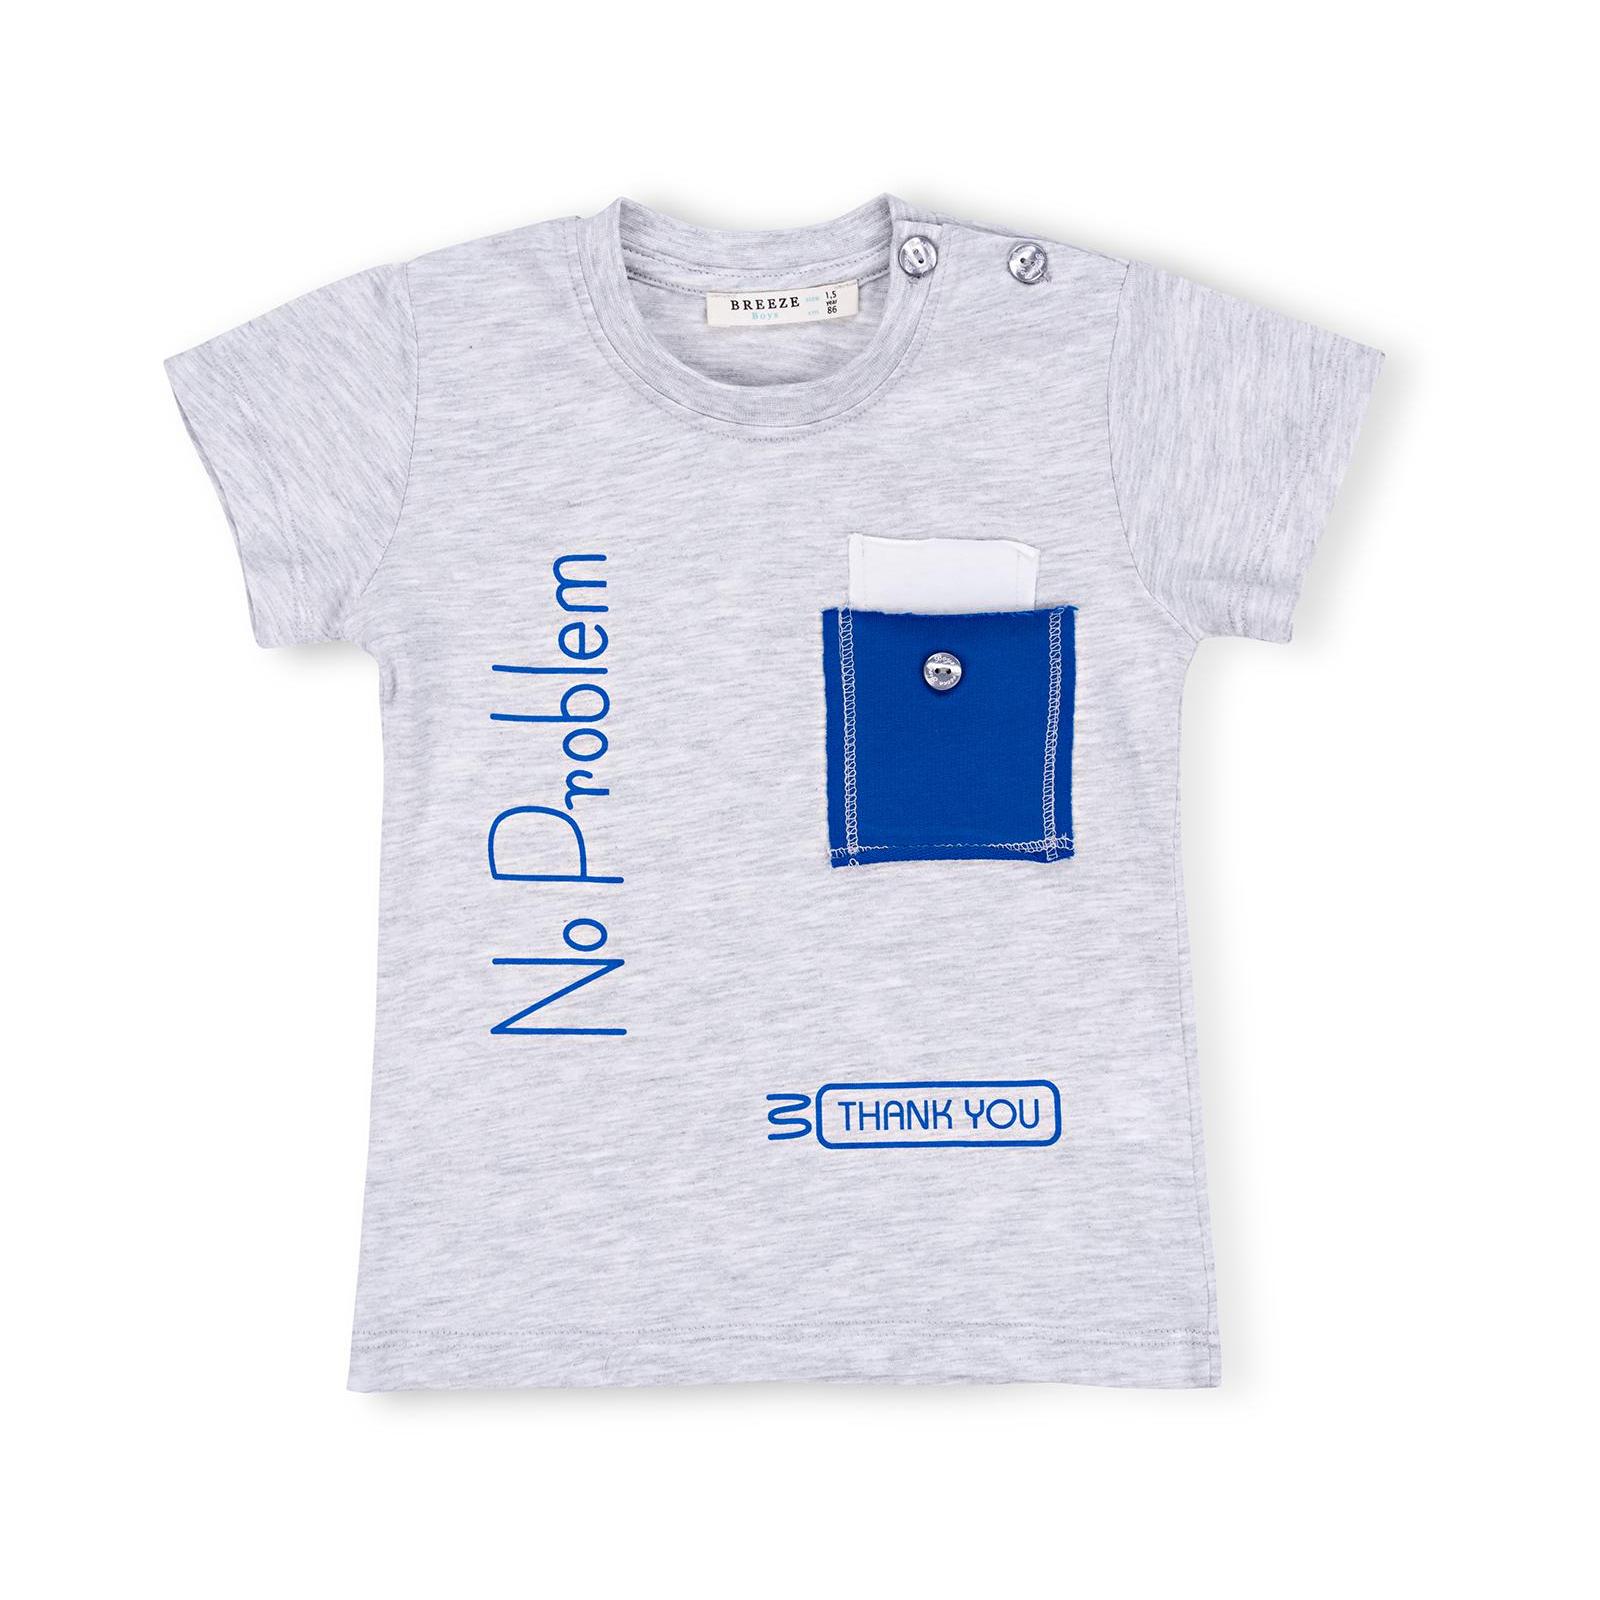 """Набор детской одежды Breeze """"No problem"""" (10256-104B-gray) изображение 2"""